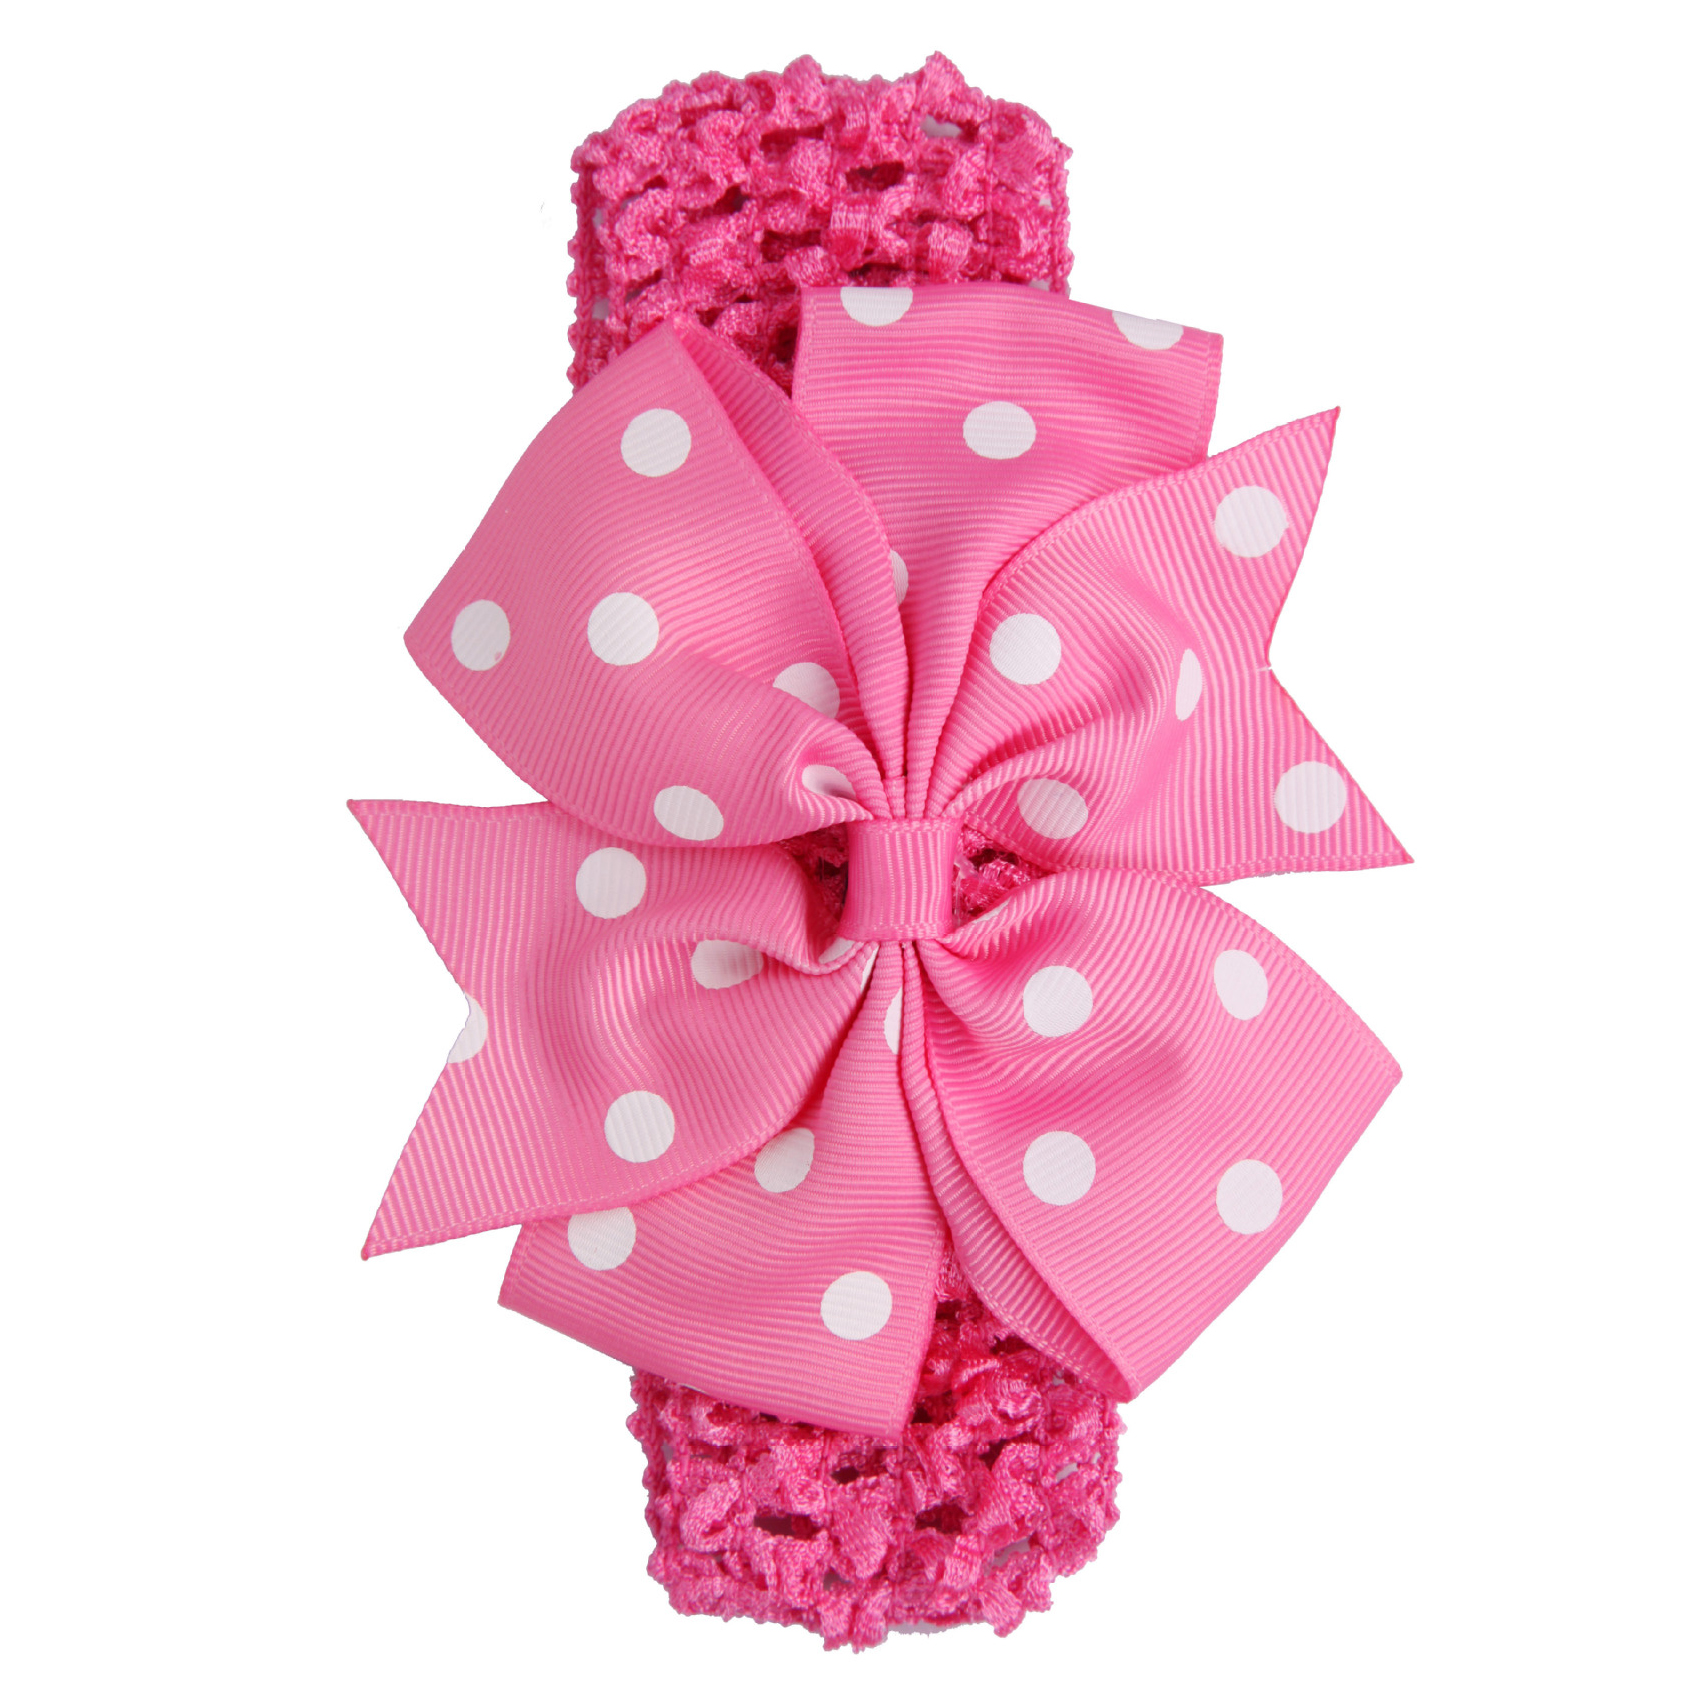 Лидер продаж для маленьких девочек Риб ласточкин хвост атласной лентой в горошек с бантом эластичный повязка на голову (красная Роза)